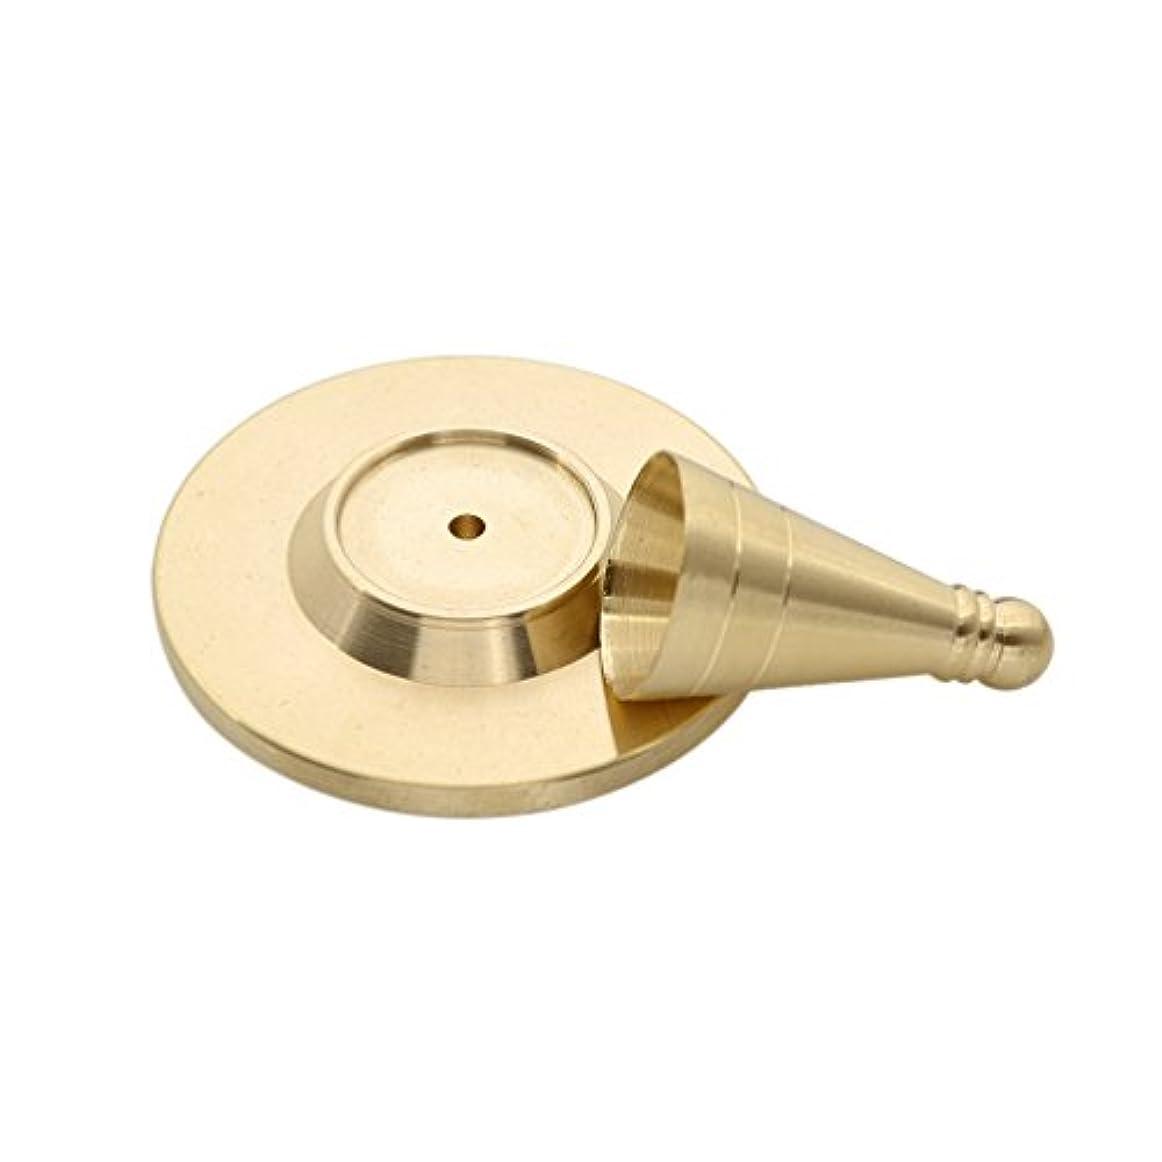 施設品種バッグ(ライチ) Lychee 手作り お香 DIY用 ツール インセンス コーンタイプ 円錐 モールド 自家製 高さ3.5cm